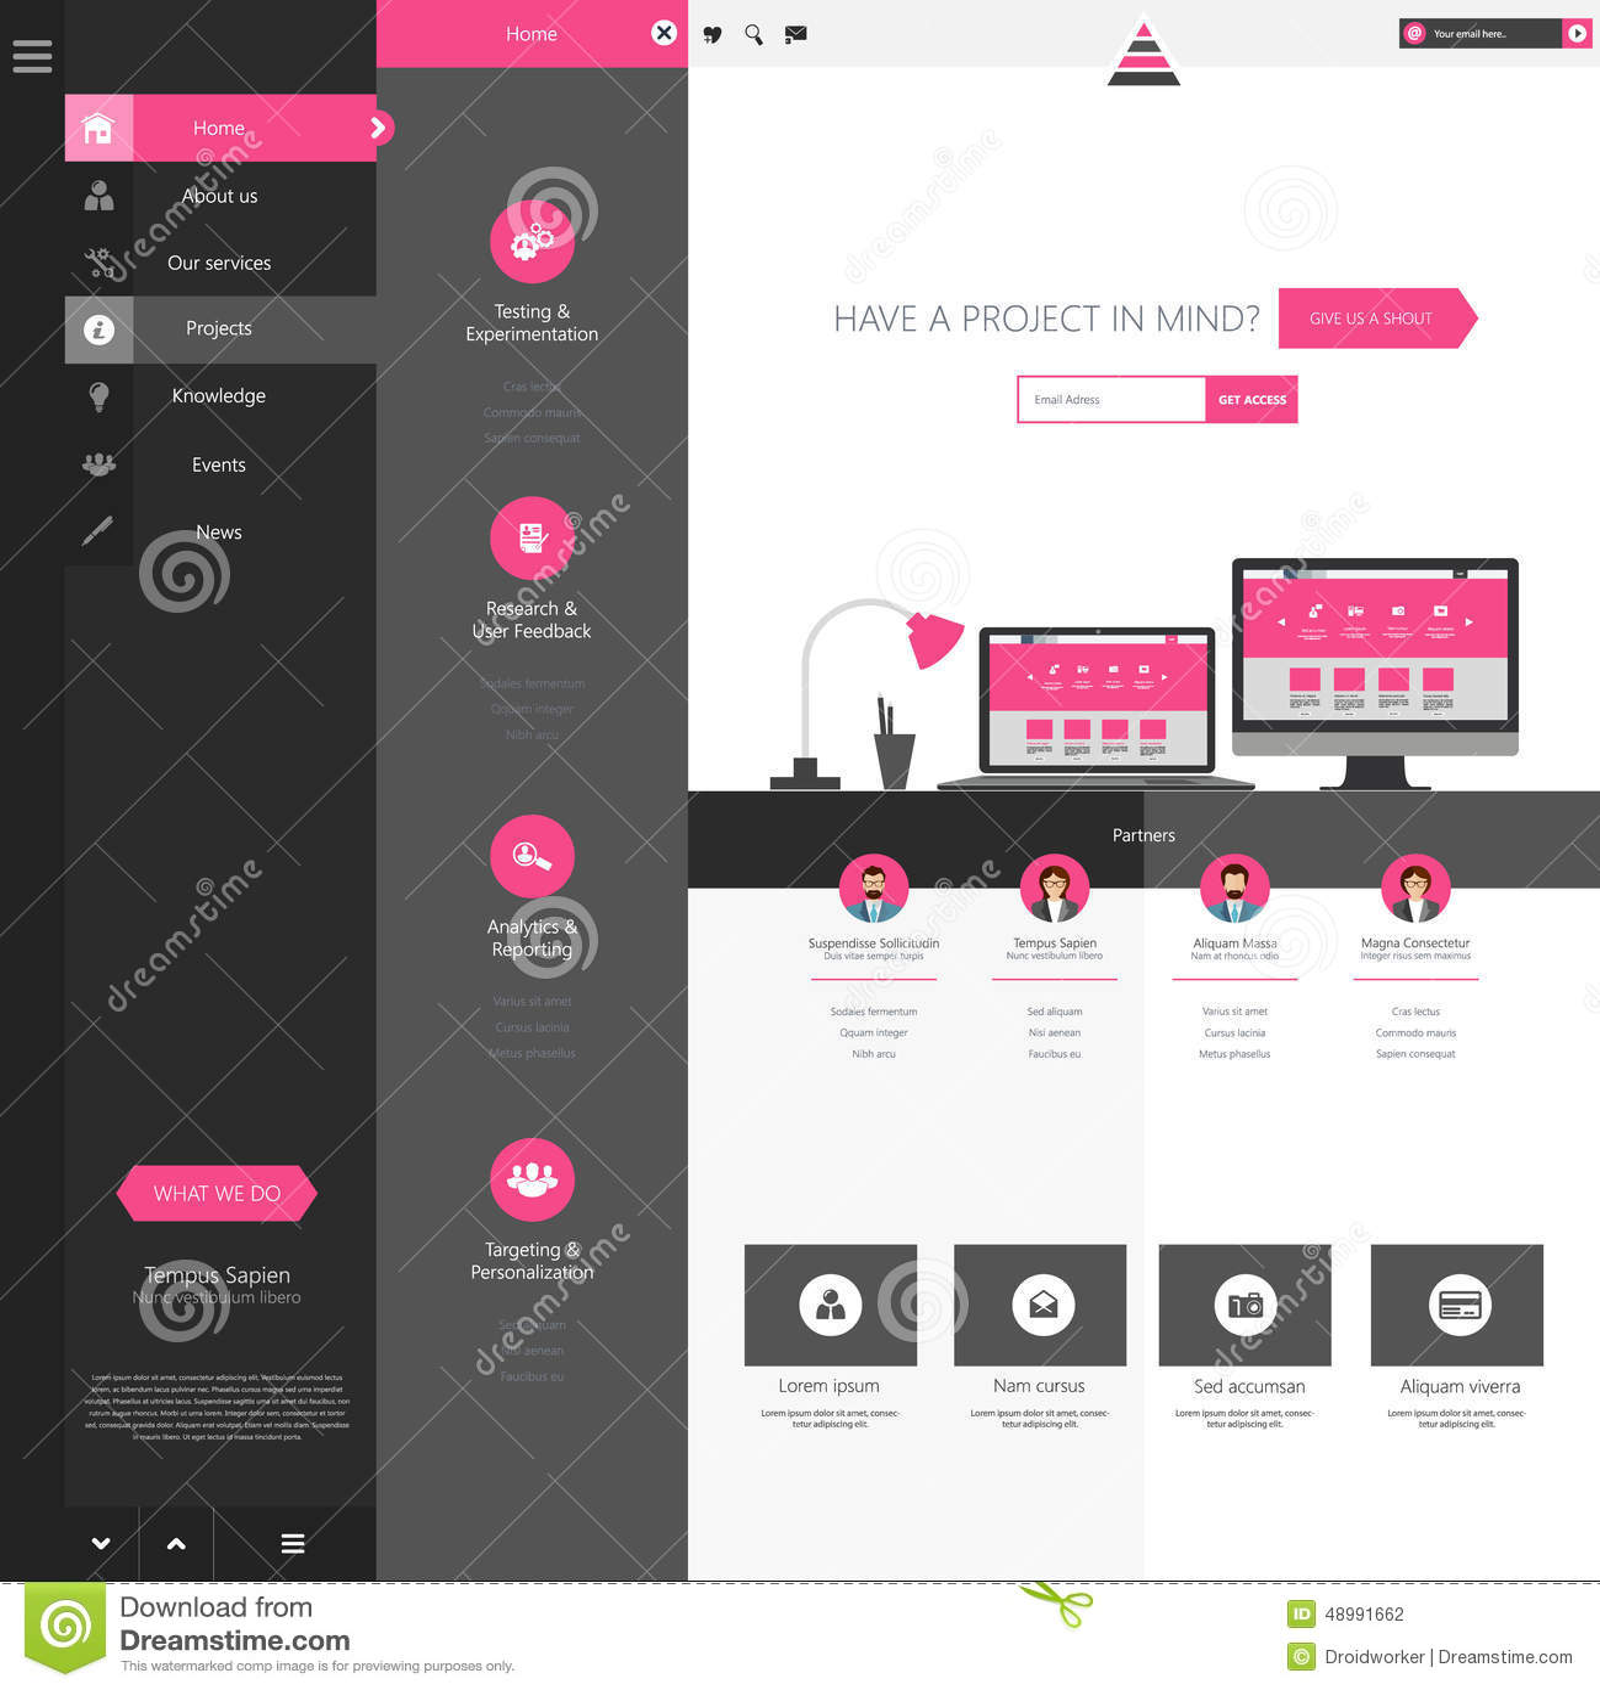 Design Of The Menu For A Website Creative Web Design Stock Vector - Website menu design templates